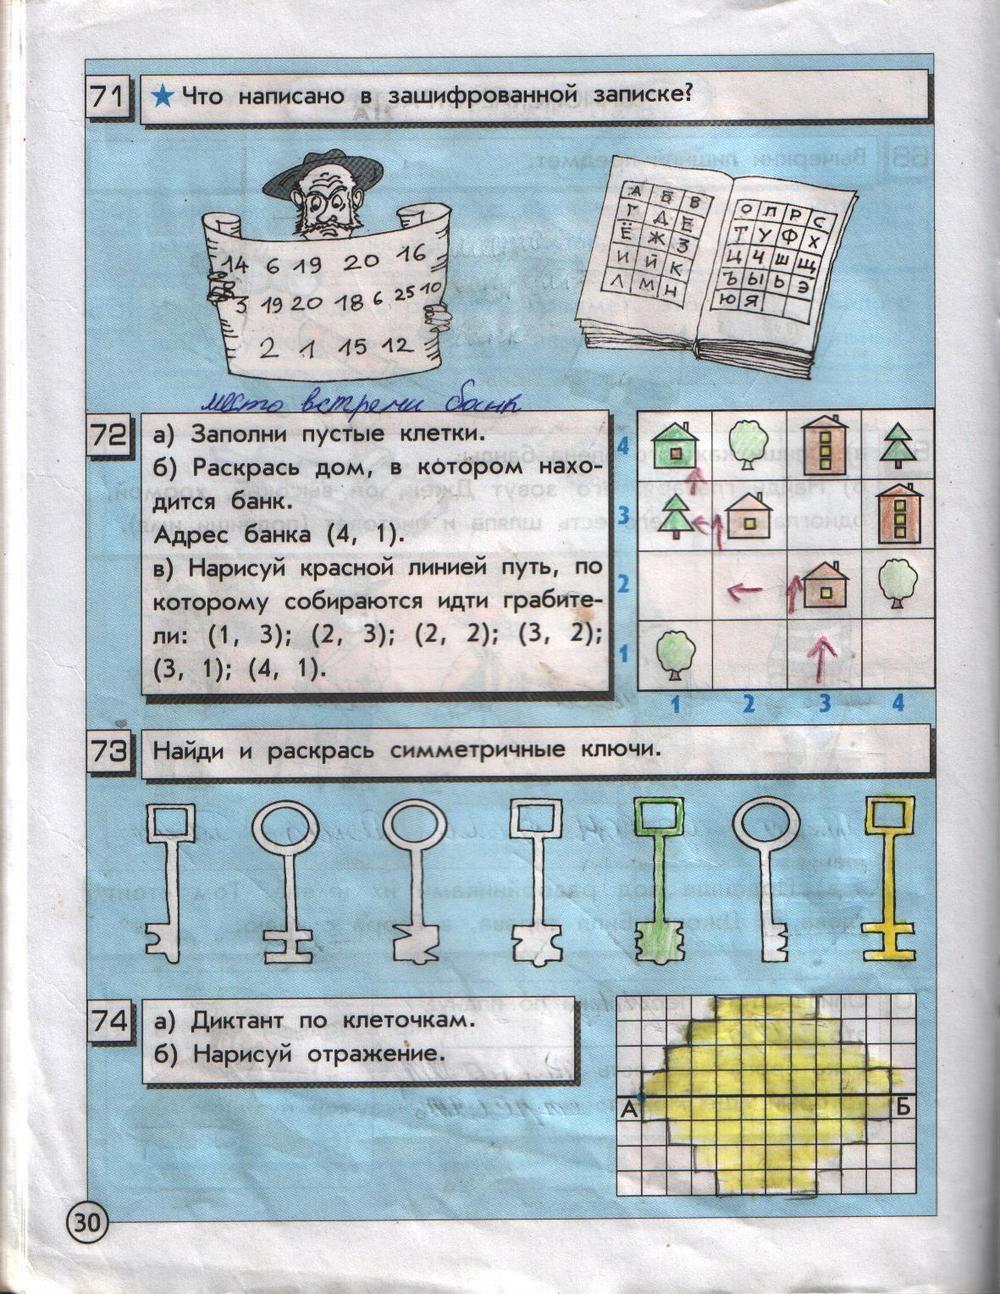 Ответы гдз информатика класс 2 часть 1